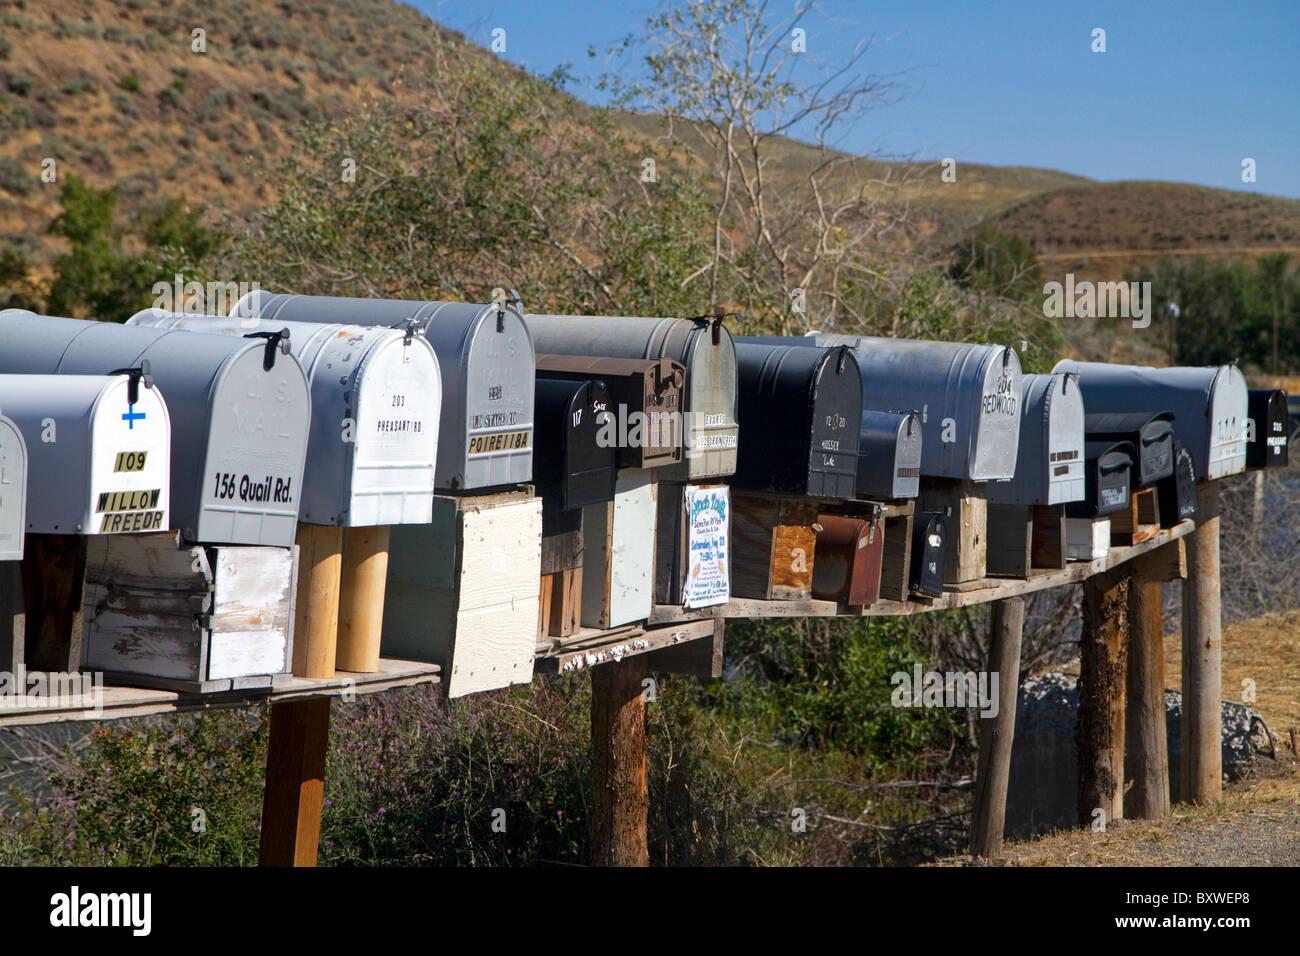 Los buzones se alinearon para la entrega de correo en una zona rural cerca de Challis, Idaho, USA. Imagen De Stock